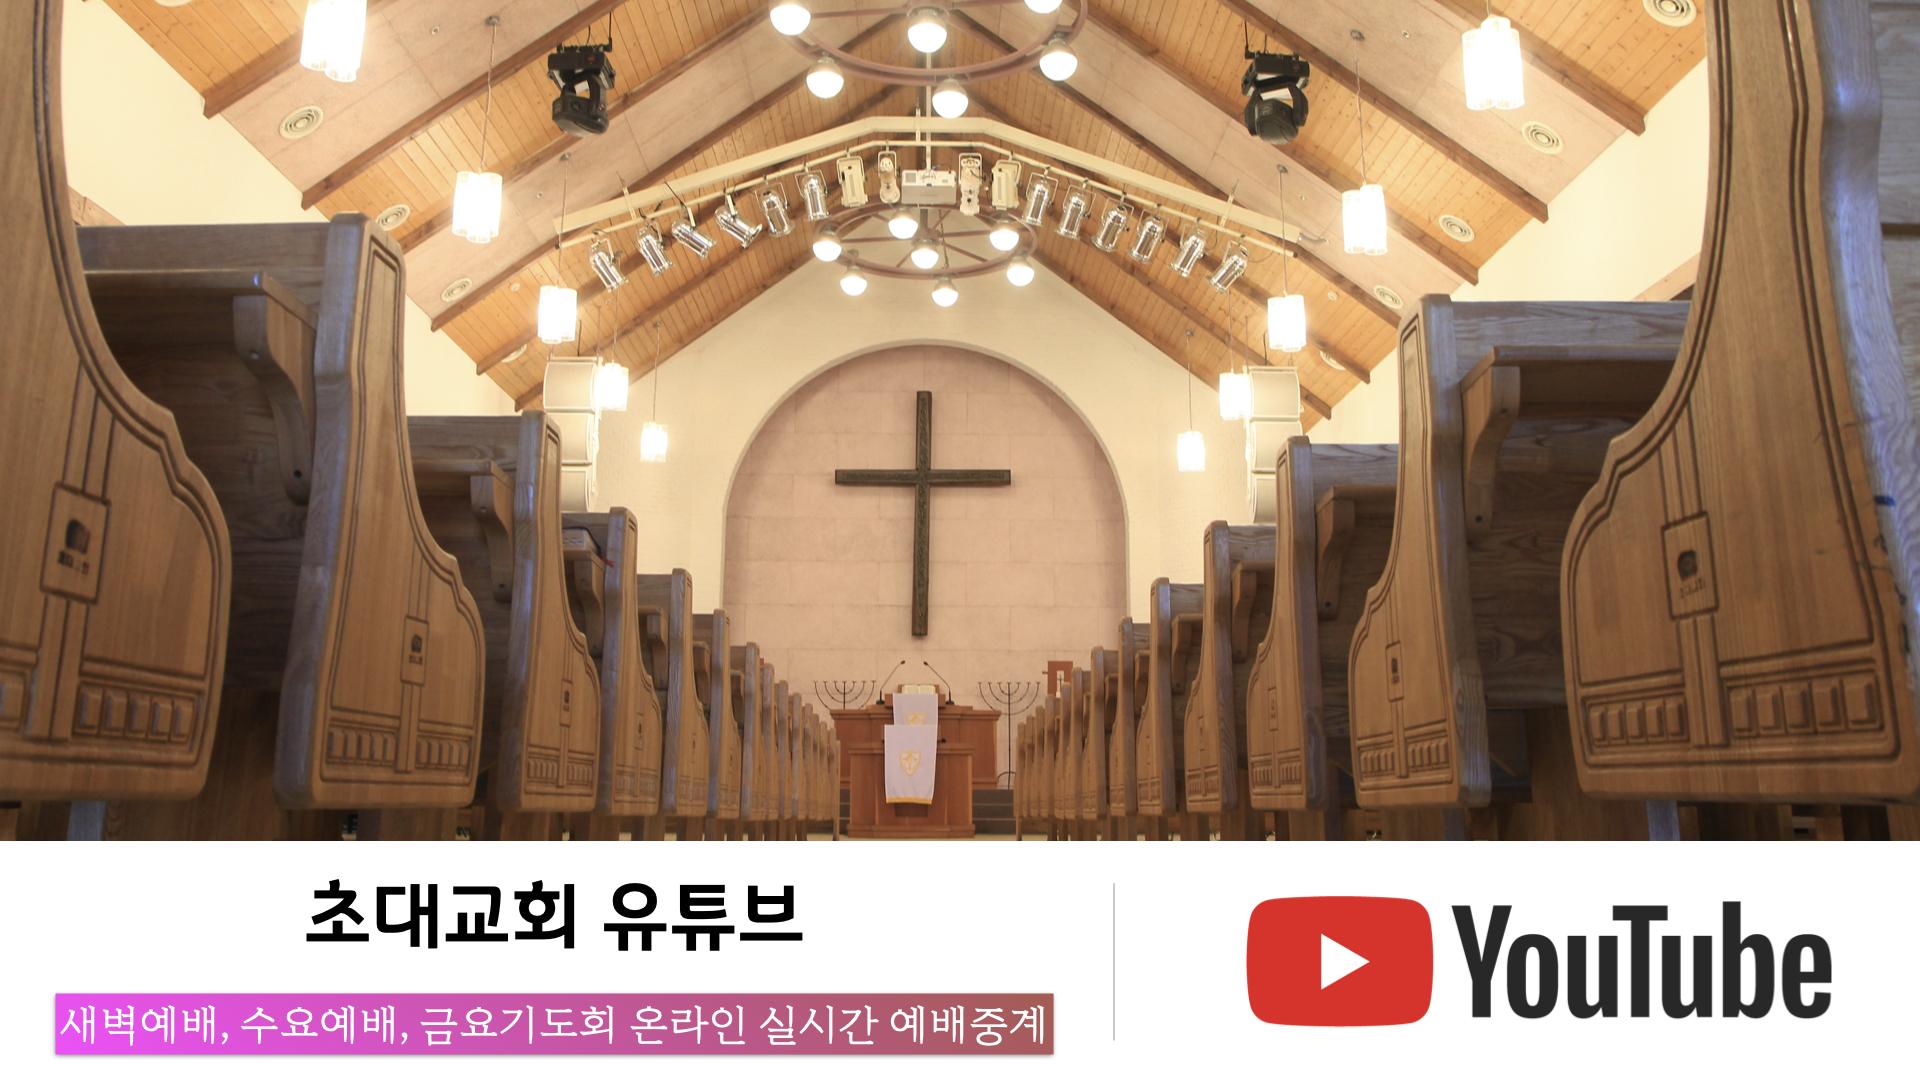 이미지를 클릭하시면, 유튜브 '초대교회' 채널에 참여하실 수 있습니다.